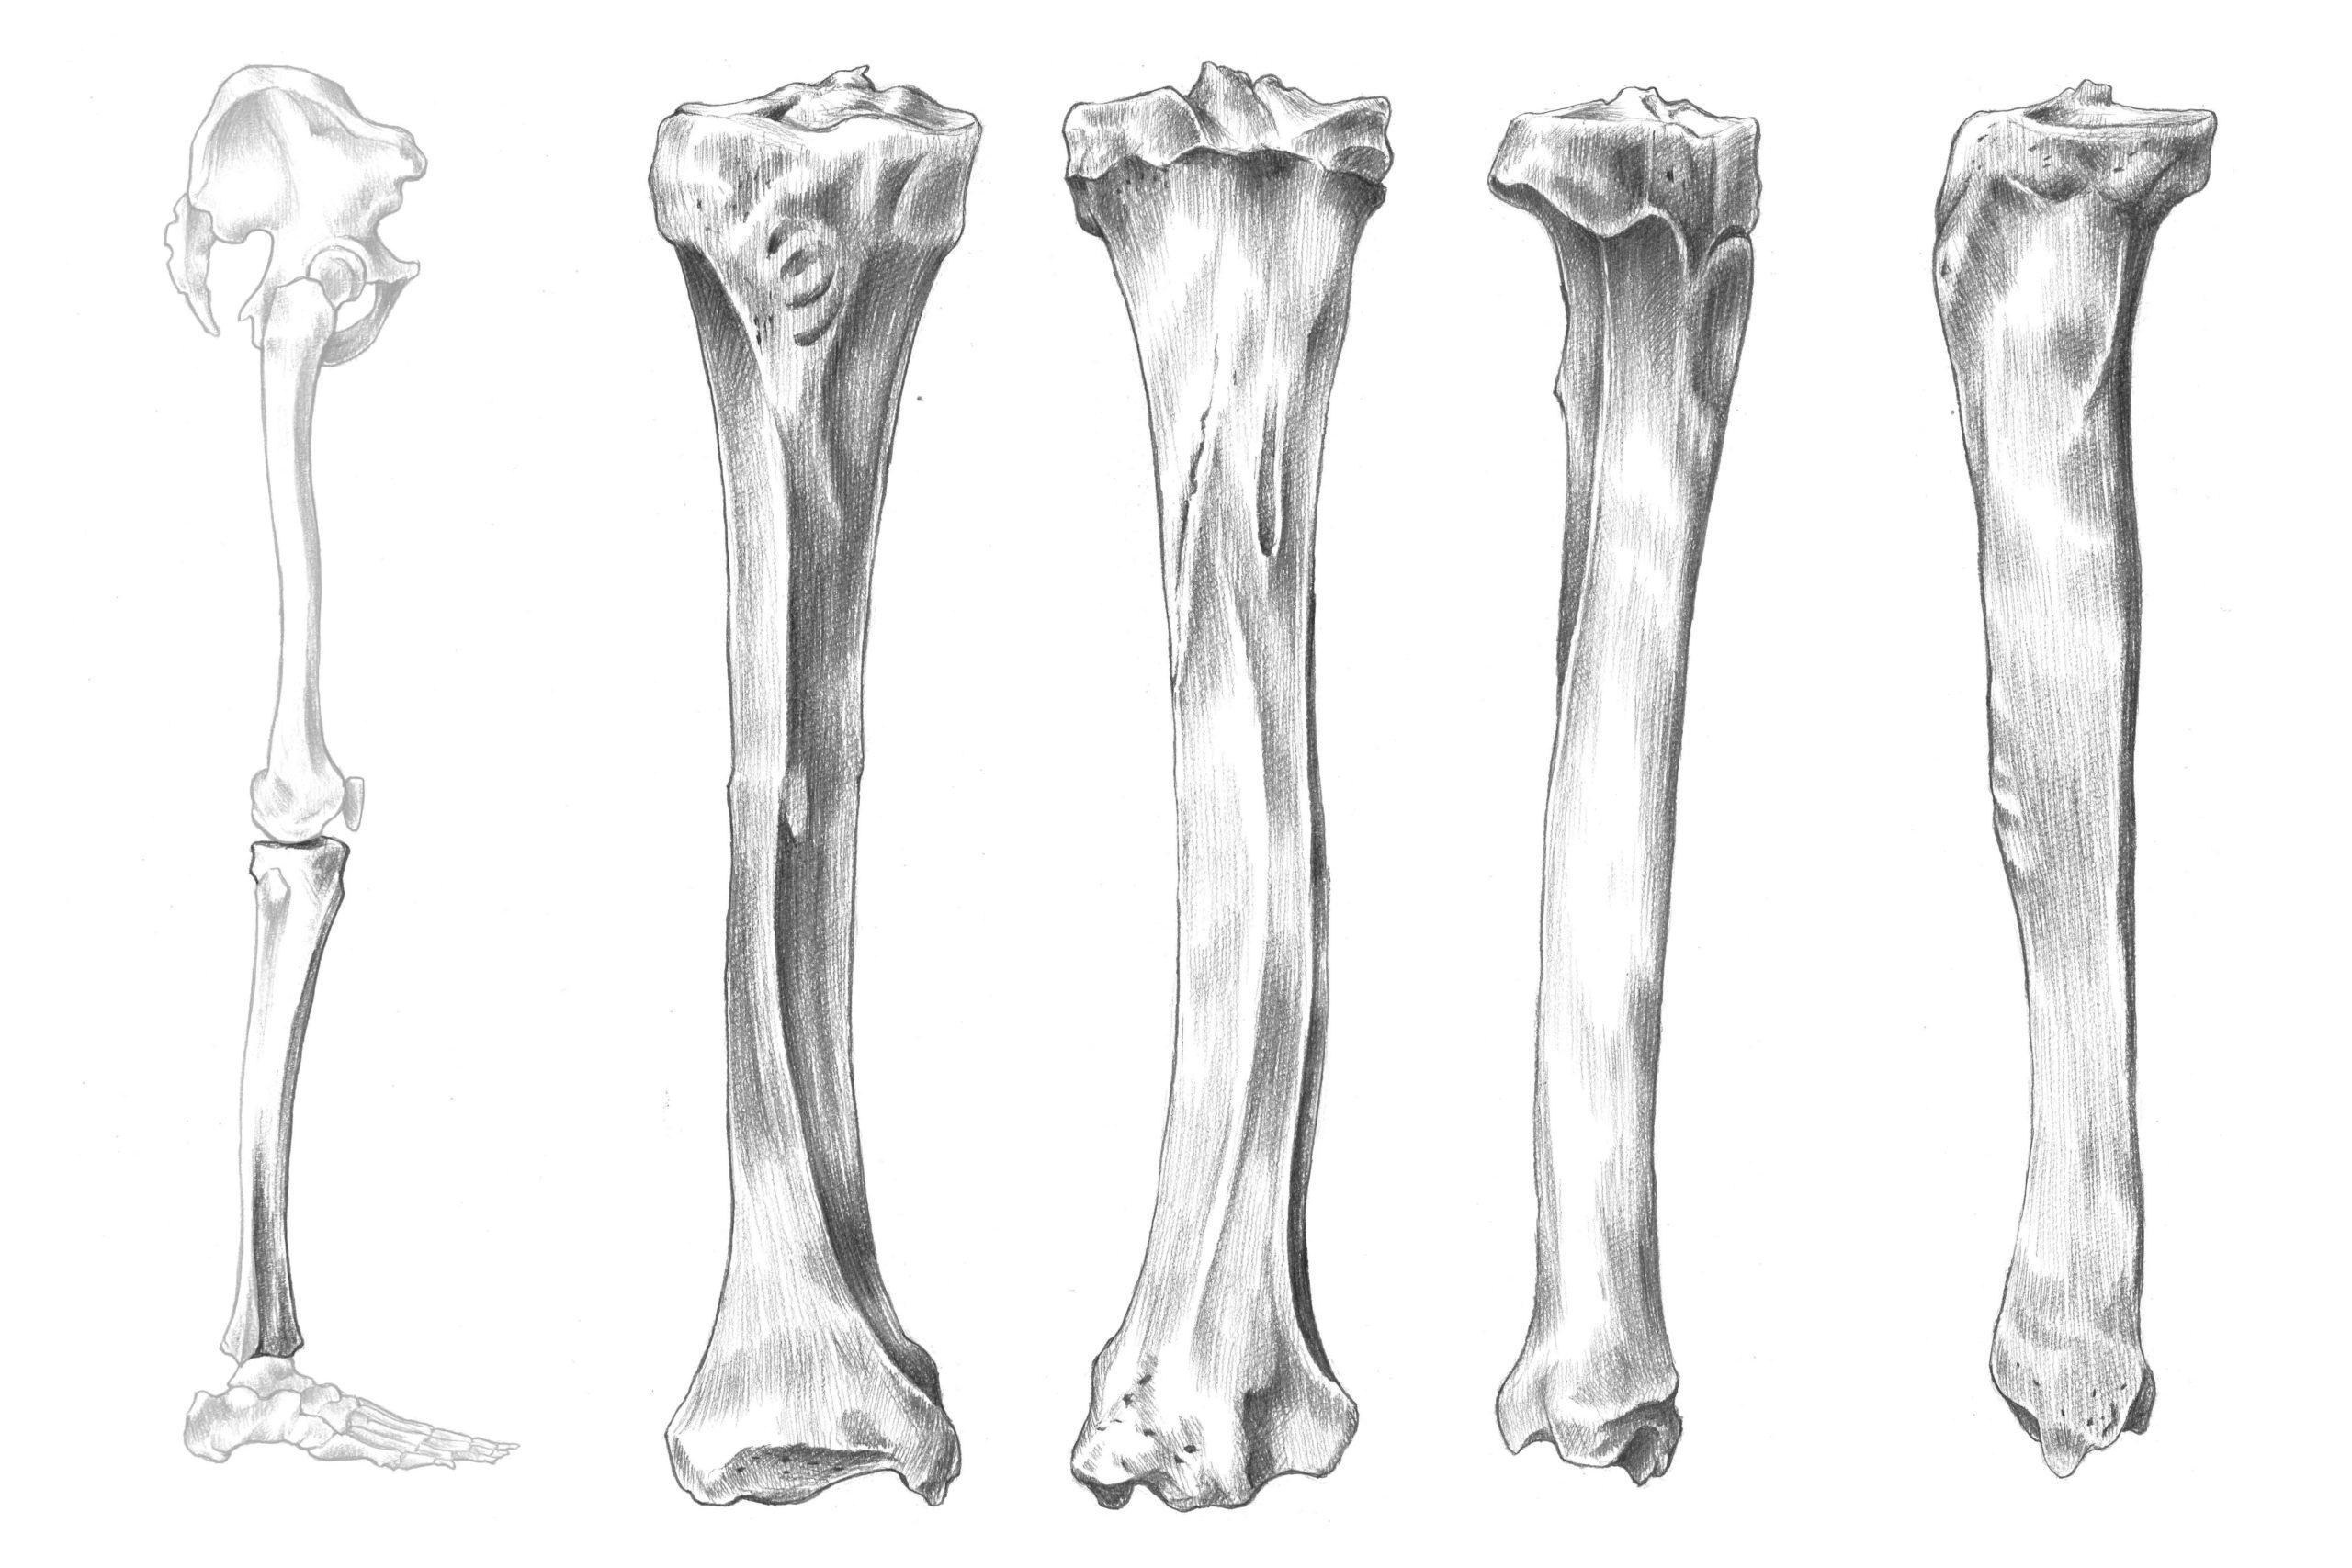 ふくらはぎの骨「脛骨」